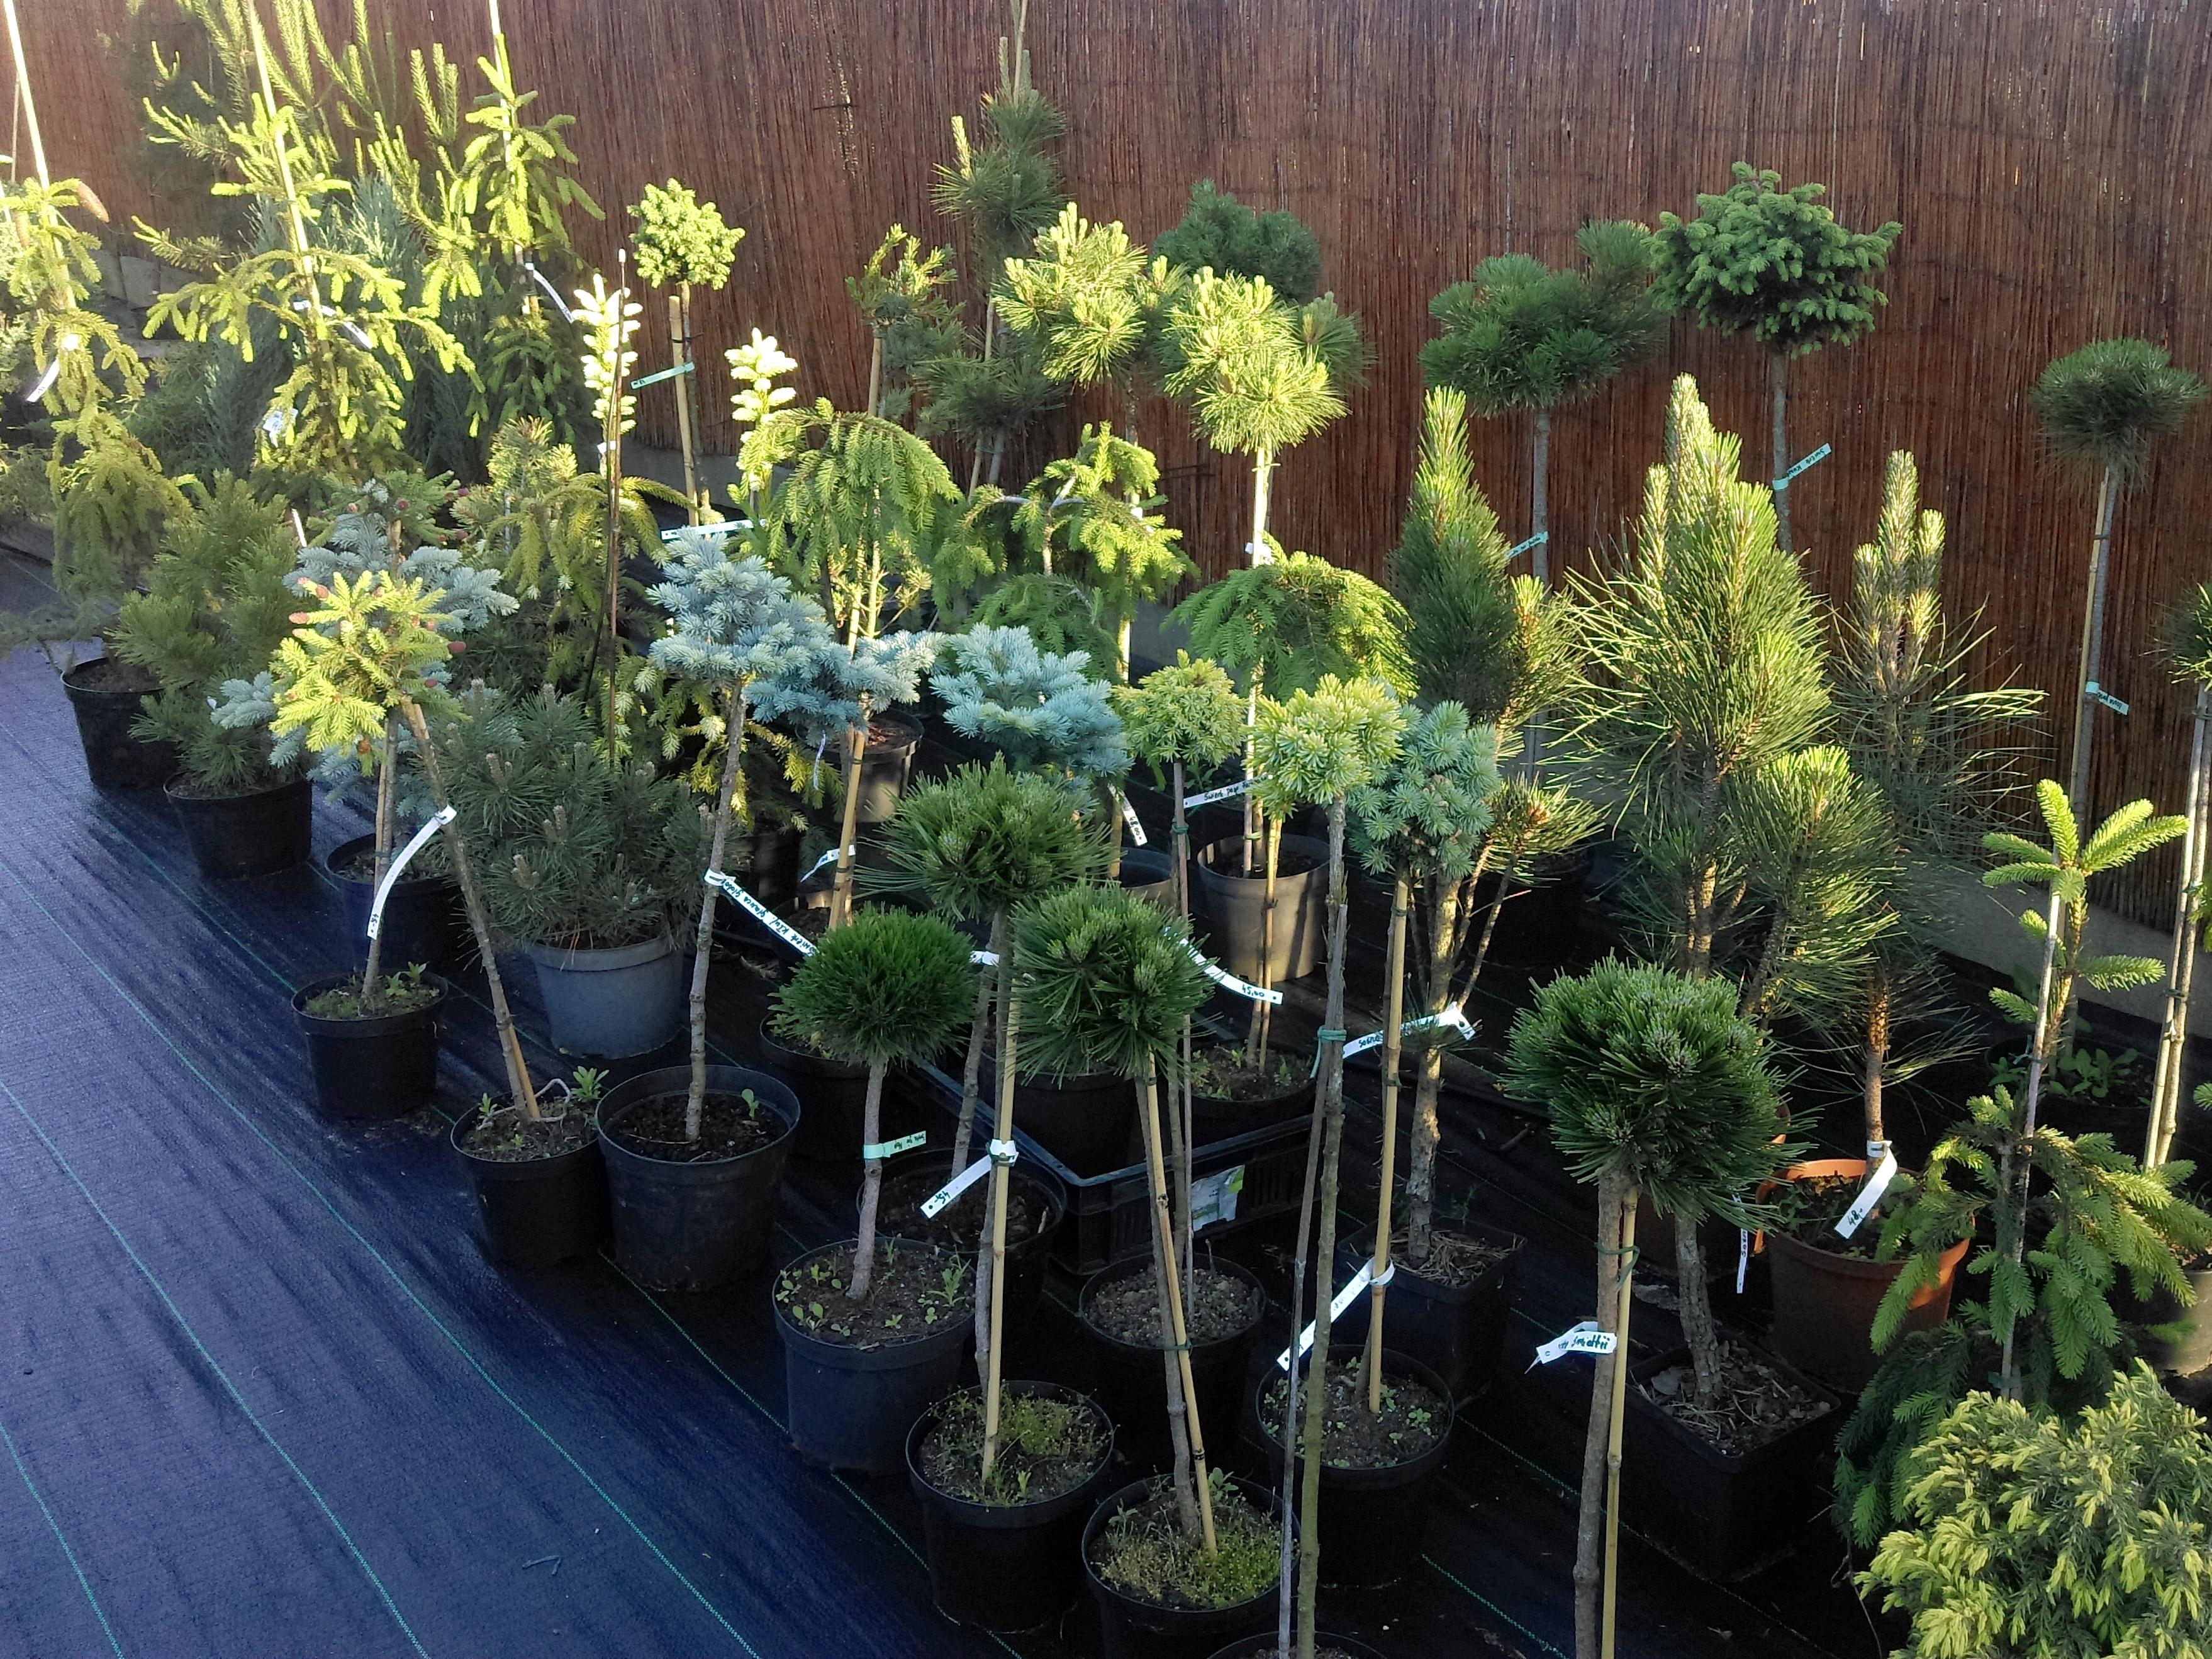 drzewa14.jpg